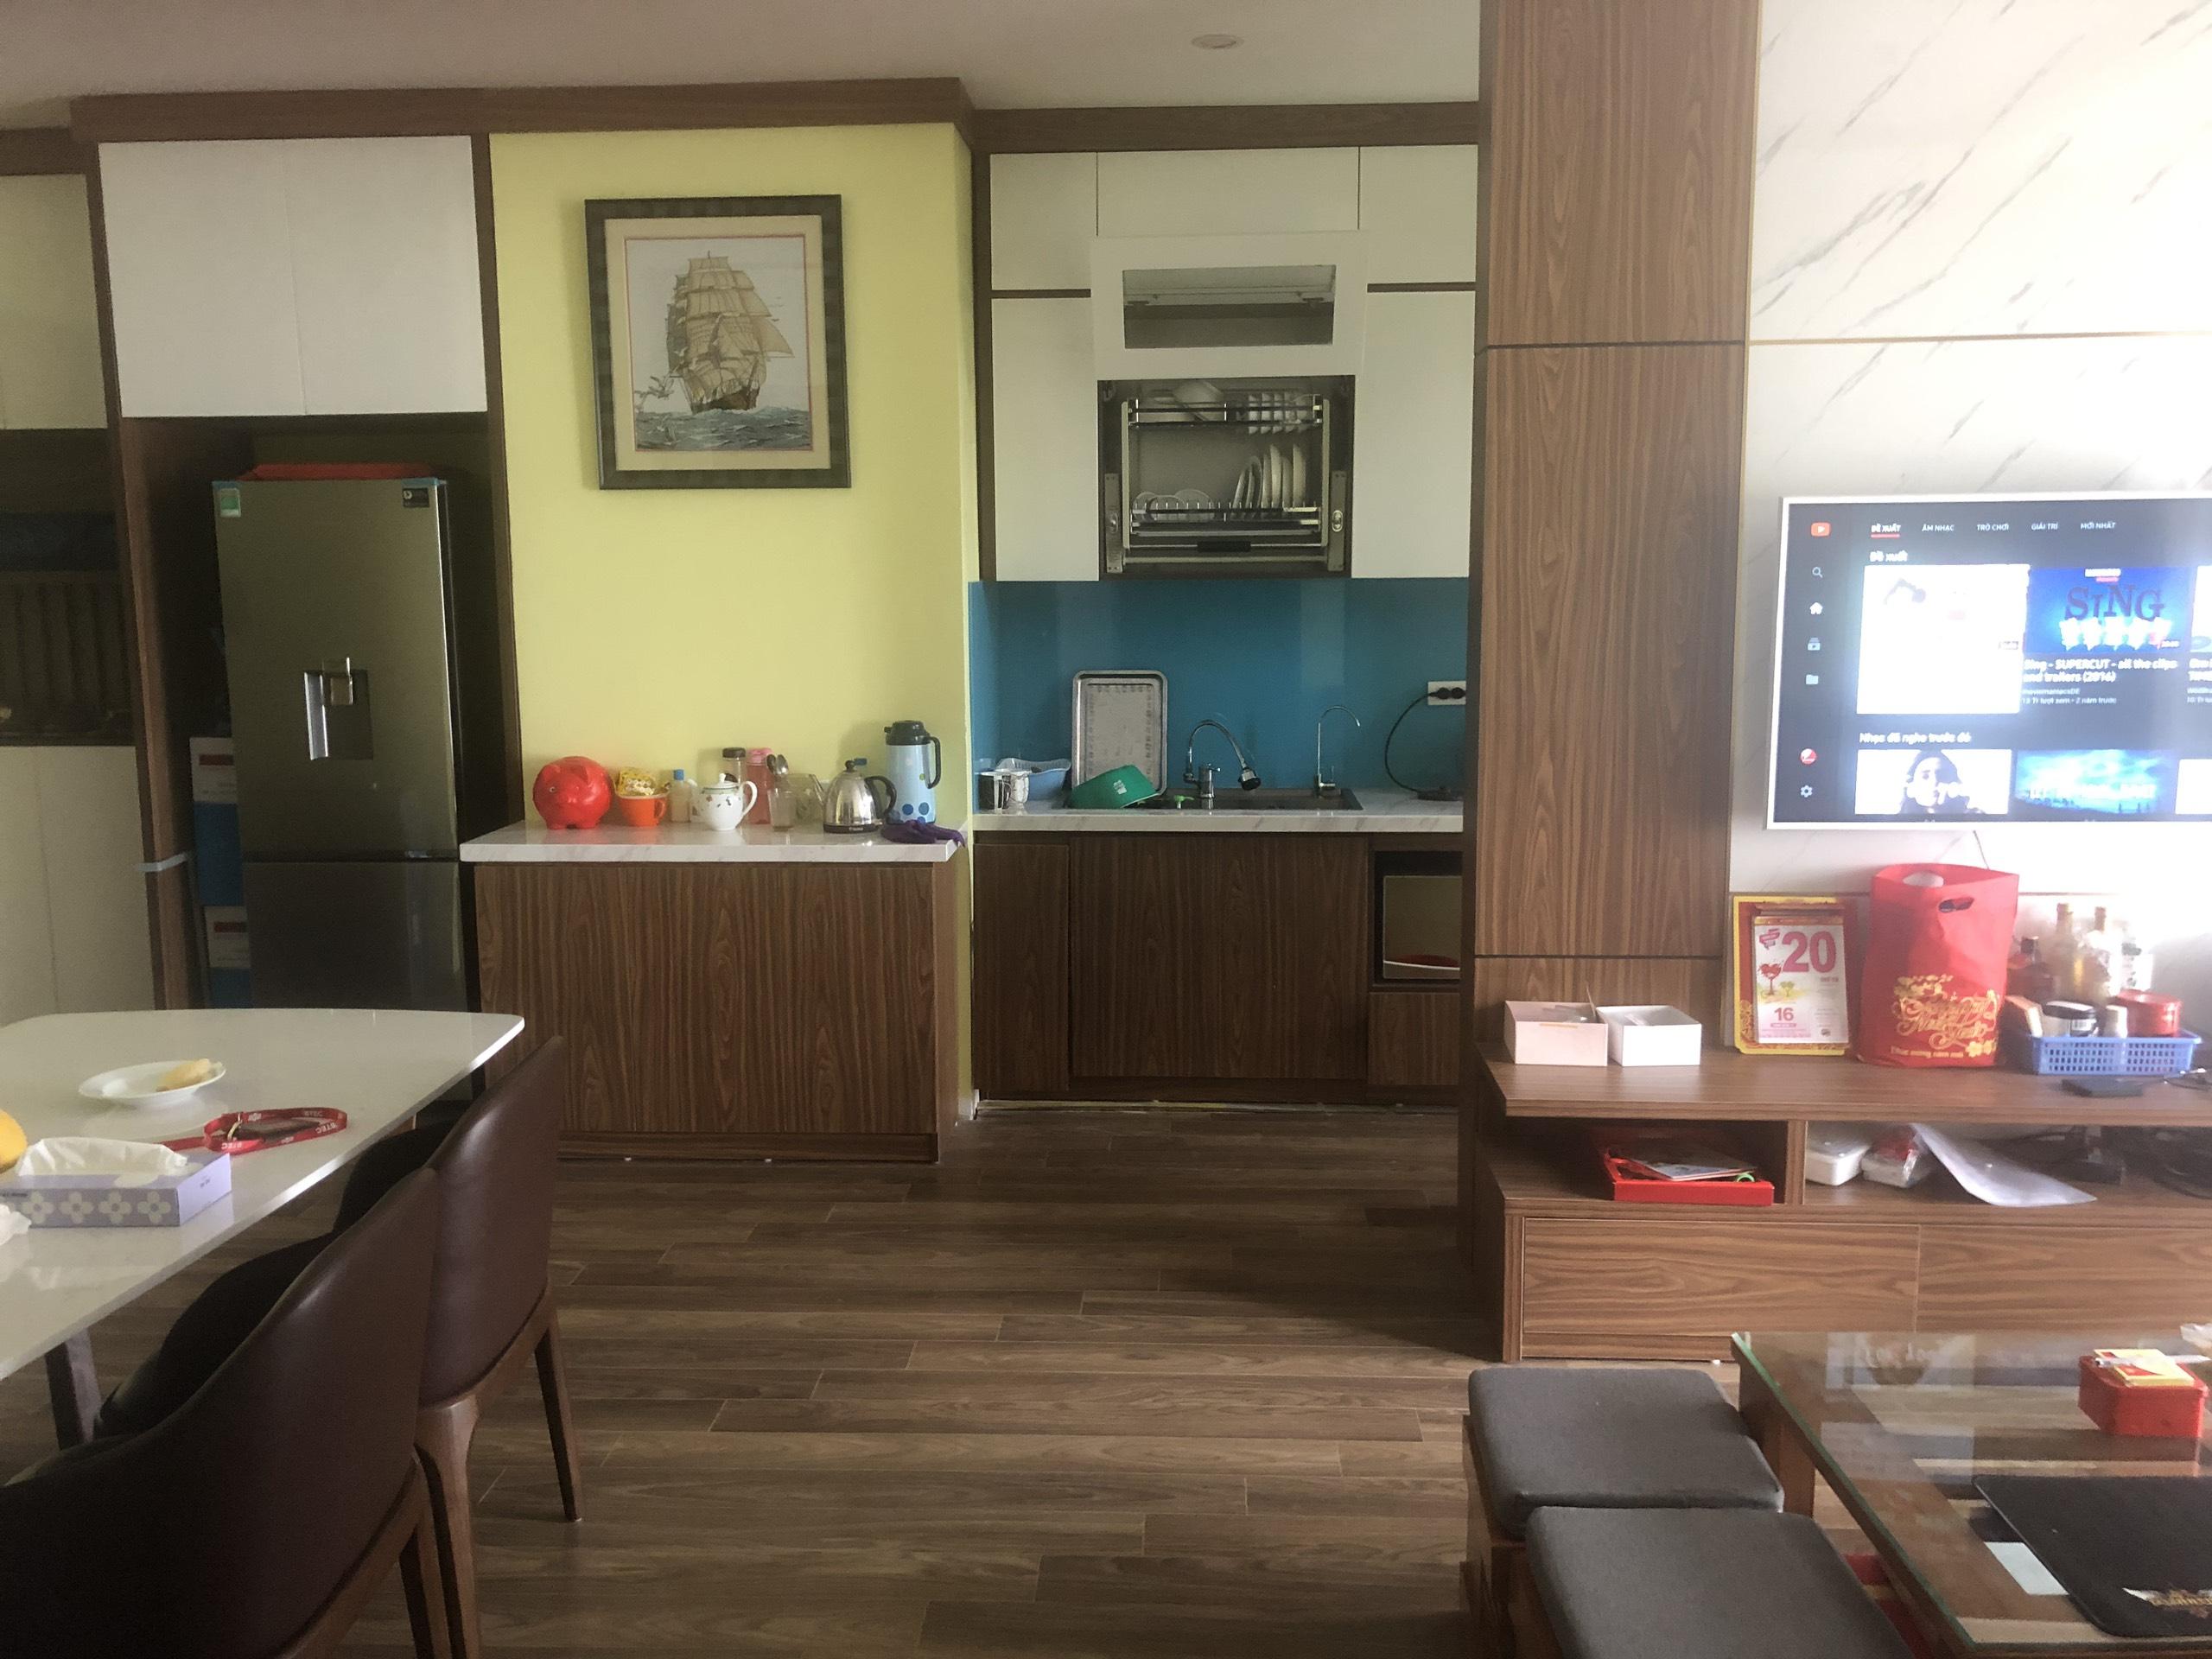 3 Bán chung cư Vinhomes Gardenia Hàm Nghi 2PN Full nội thất giá 3 tỉ